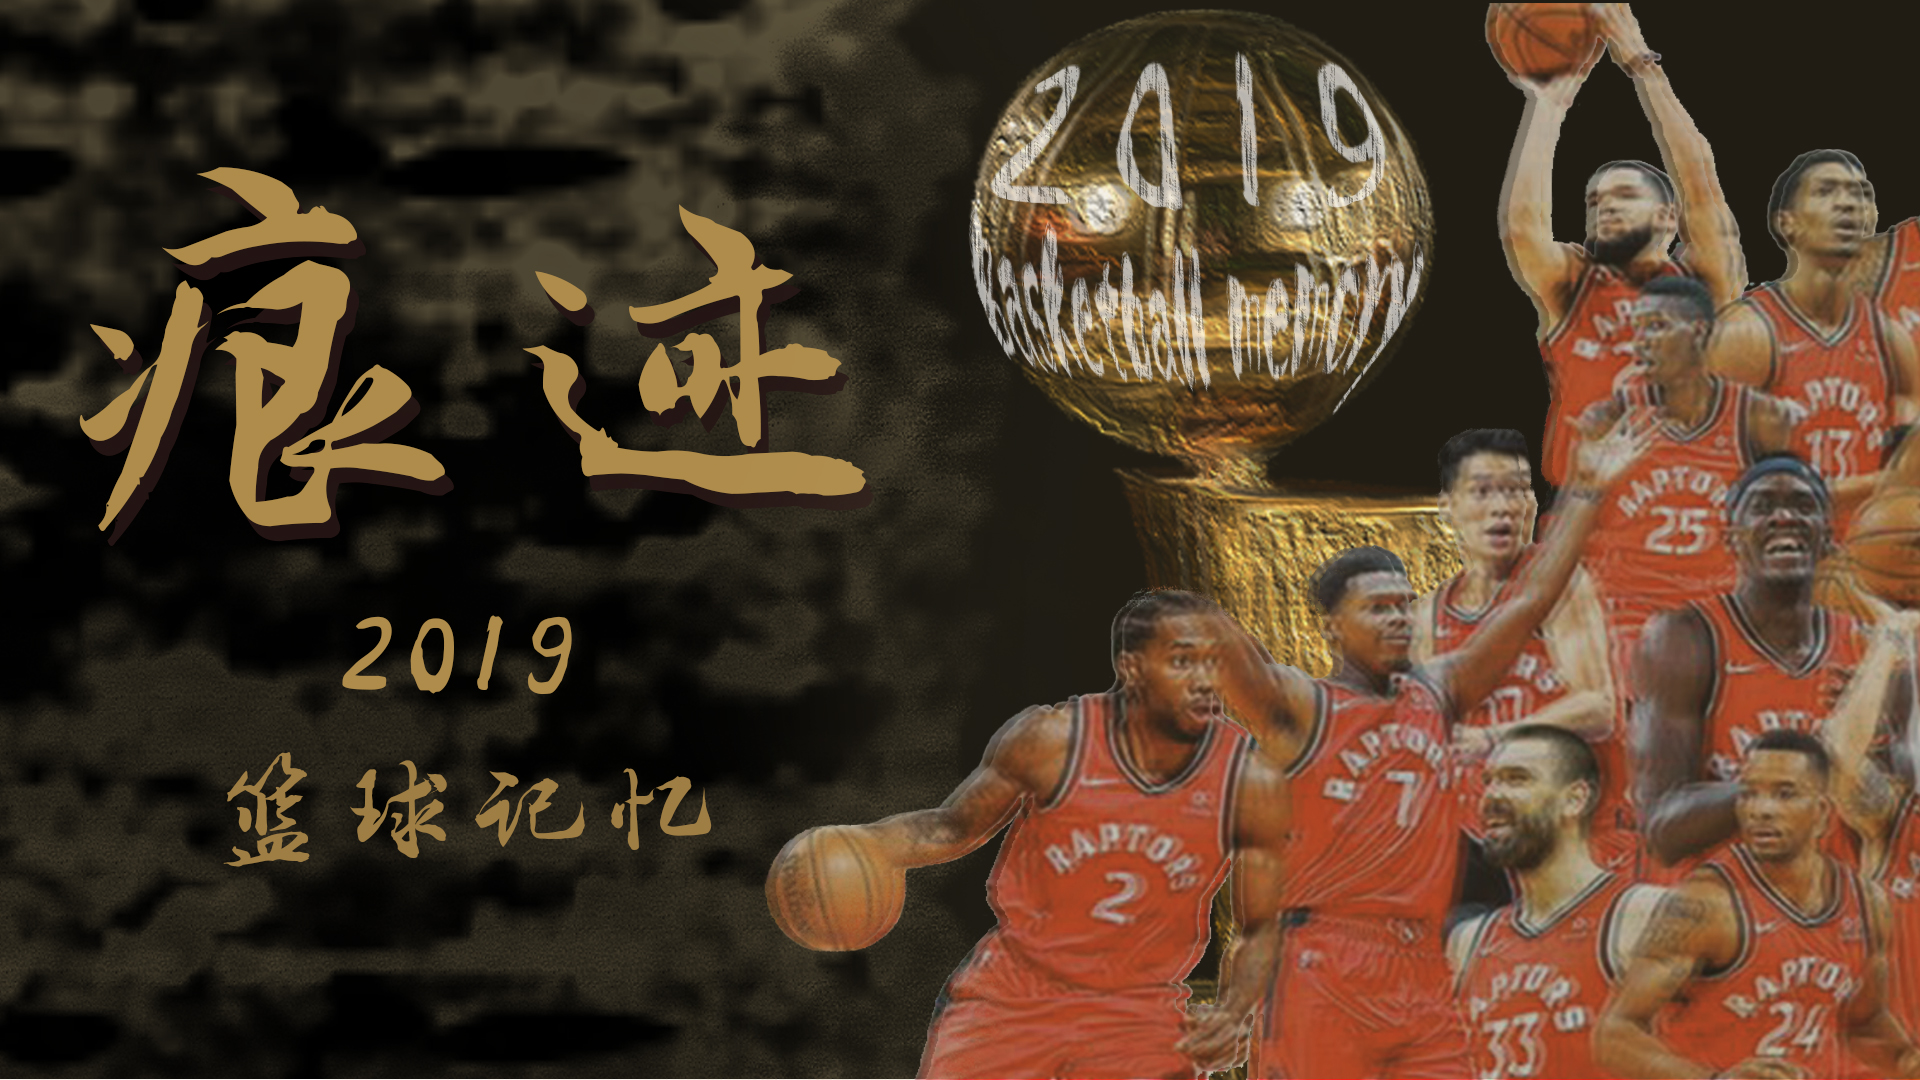 与胜利失之交臂痛定思痛 中国篮球前进之路绝不会停步_NBA痕迹